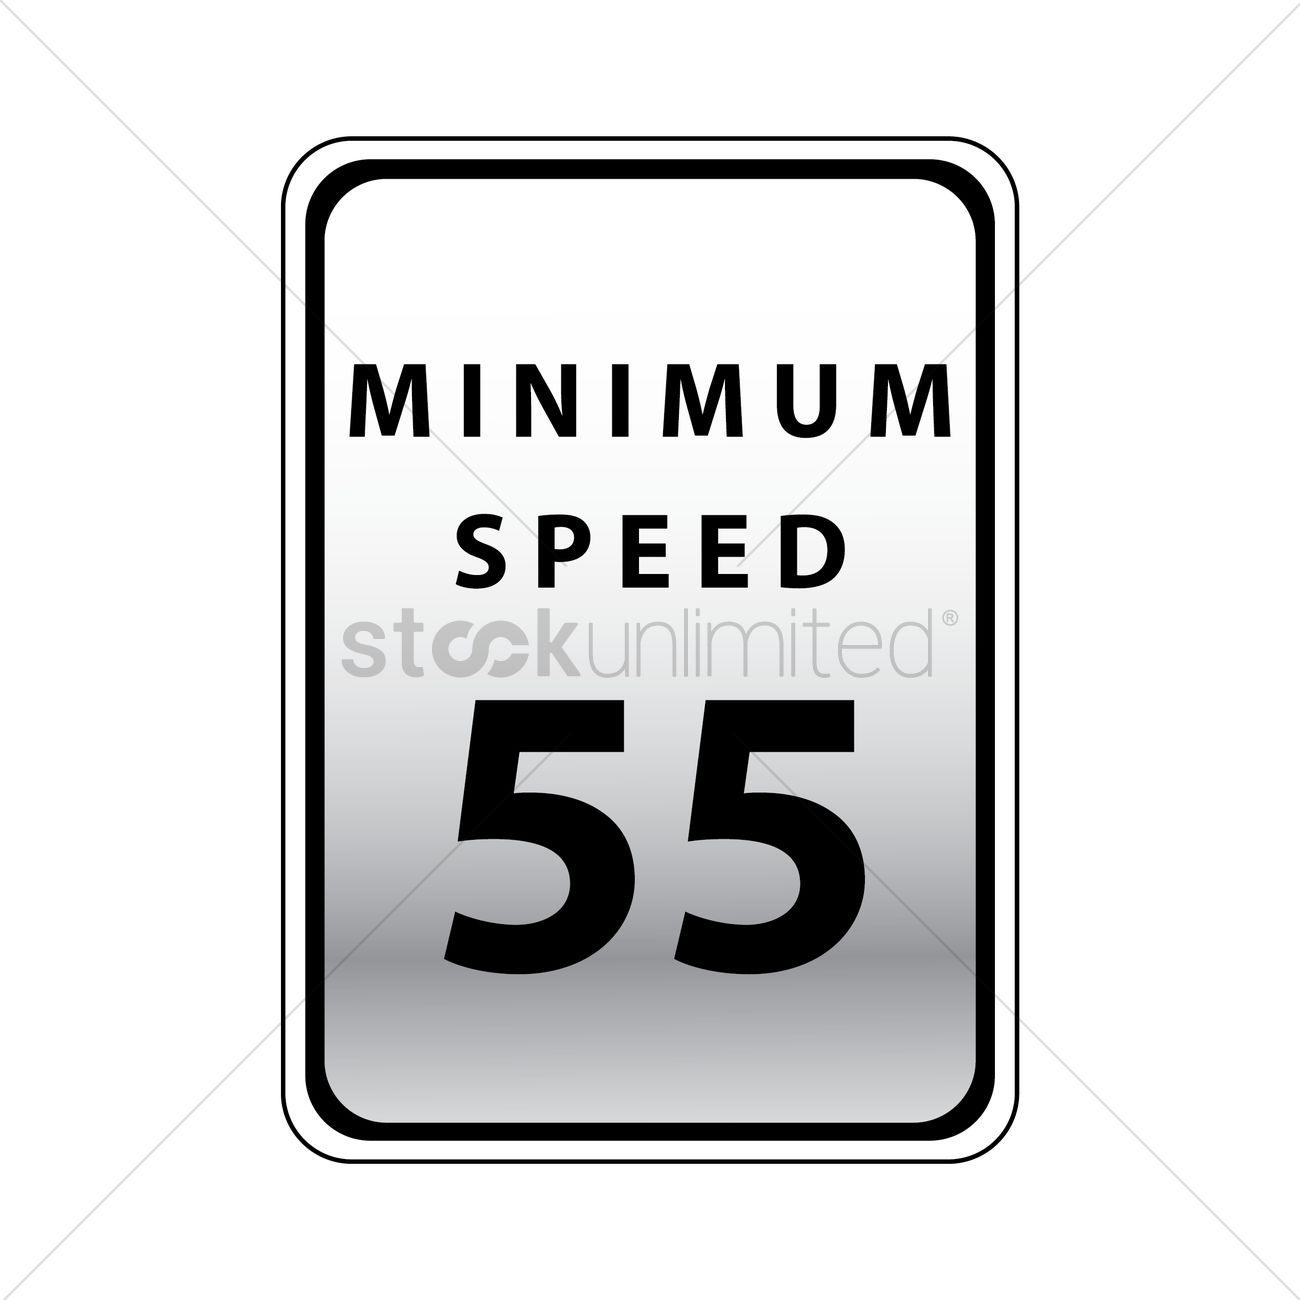 Minimum speed 55 road sign Vector Image.